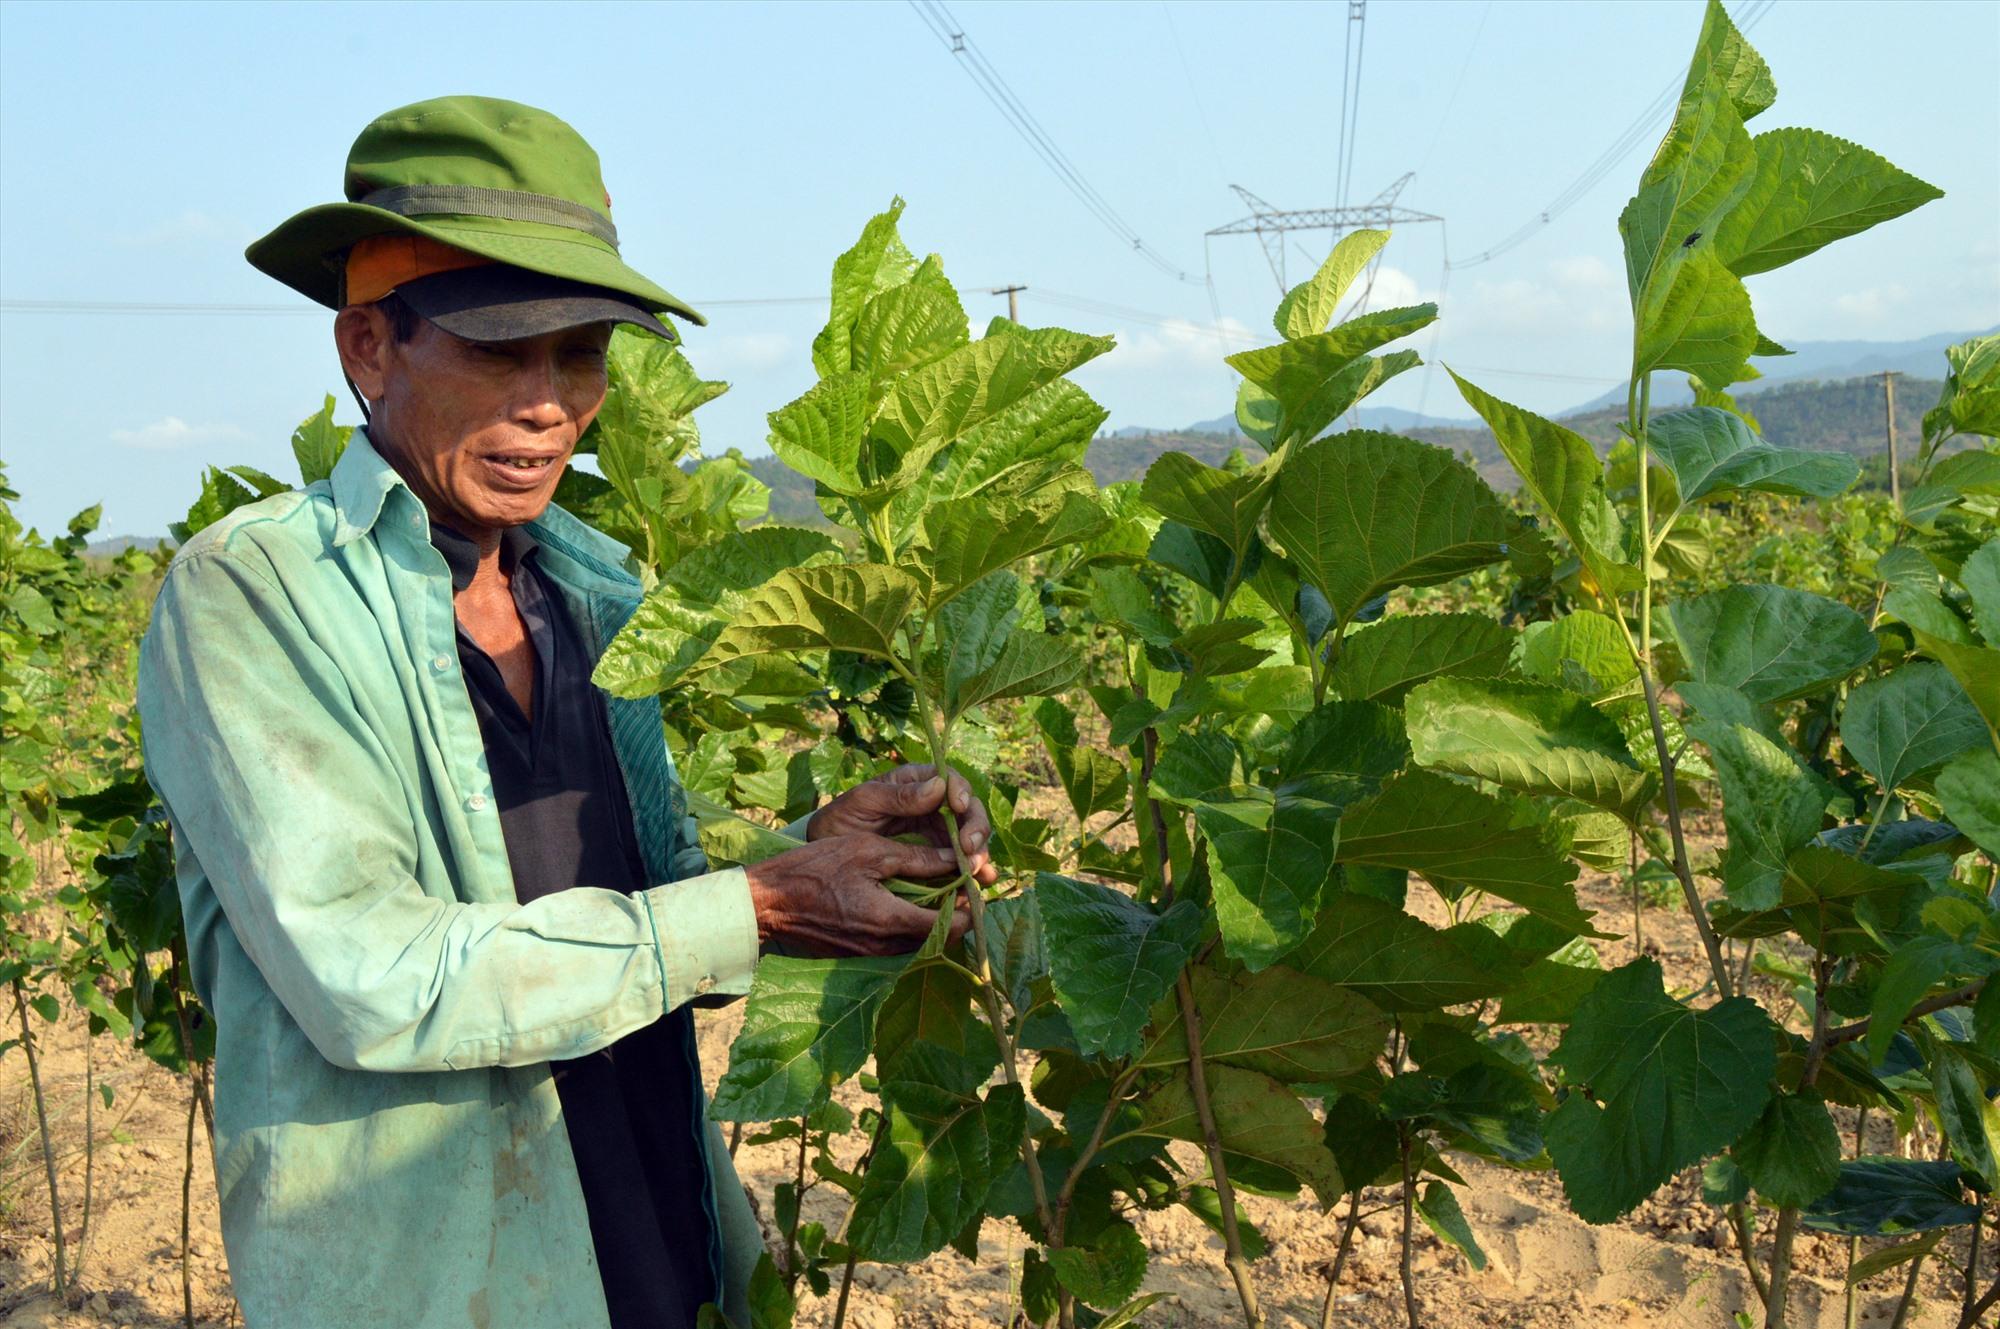 """Việc triển khai dự án """"Dòng sông lụa"""" không chỉ khôi phục nguồn nguyên liệu cho nghề dâu tằm mà còn góp phần phát triển du lịch. Ảnh: V.L"""